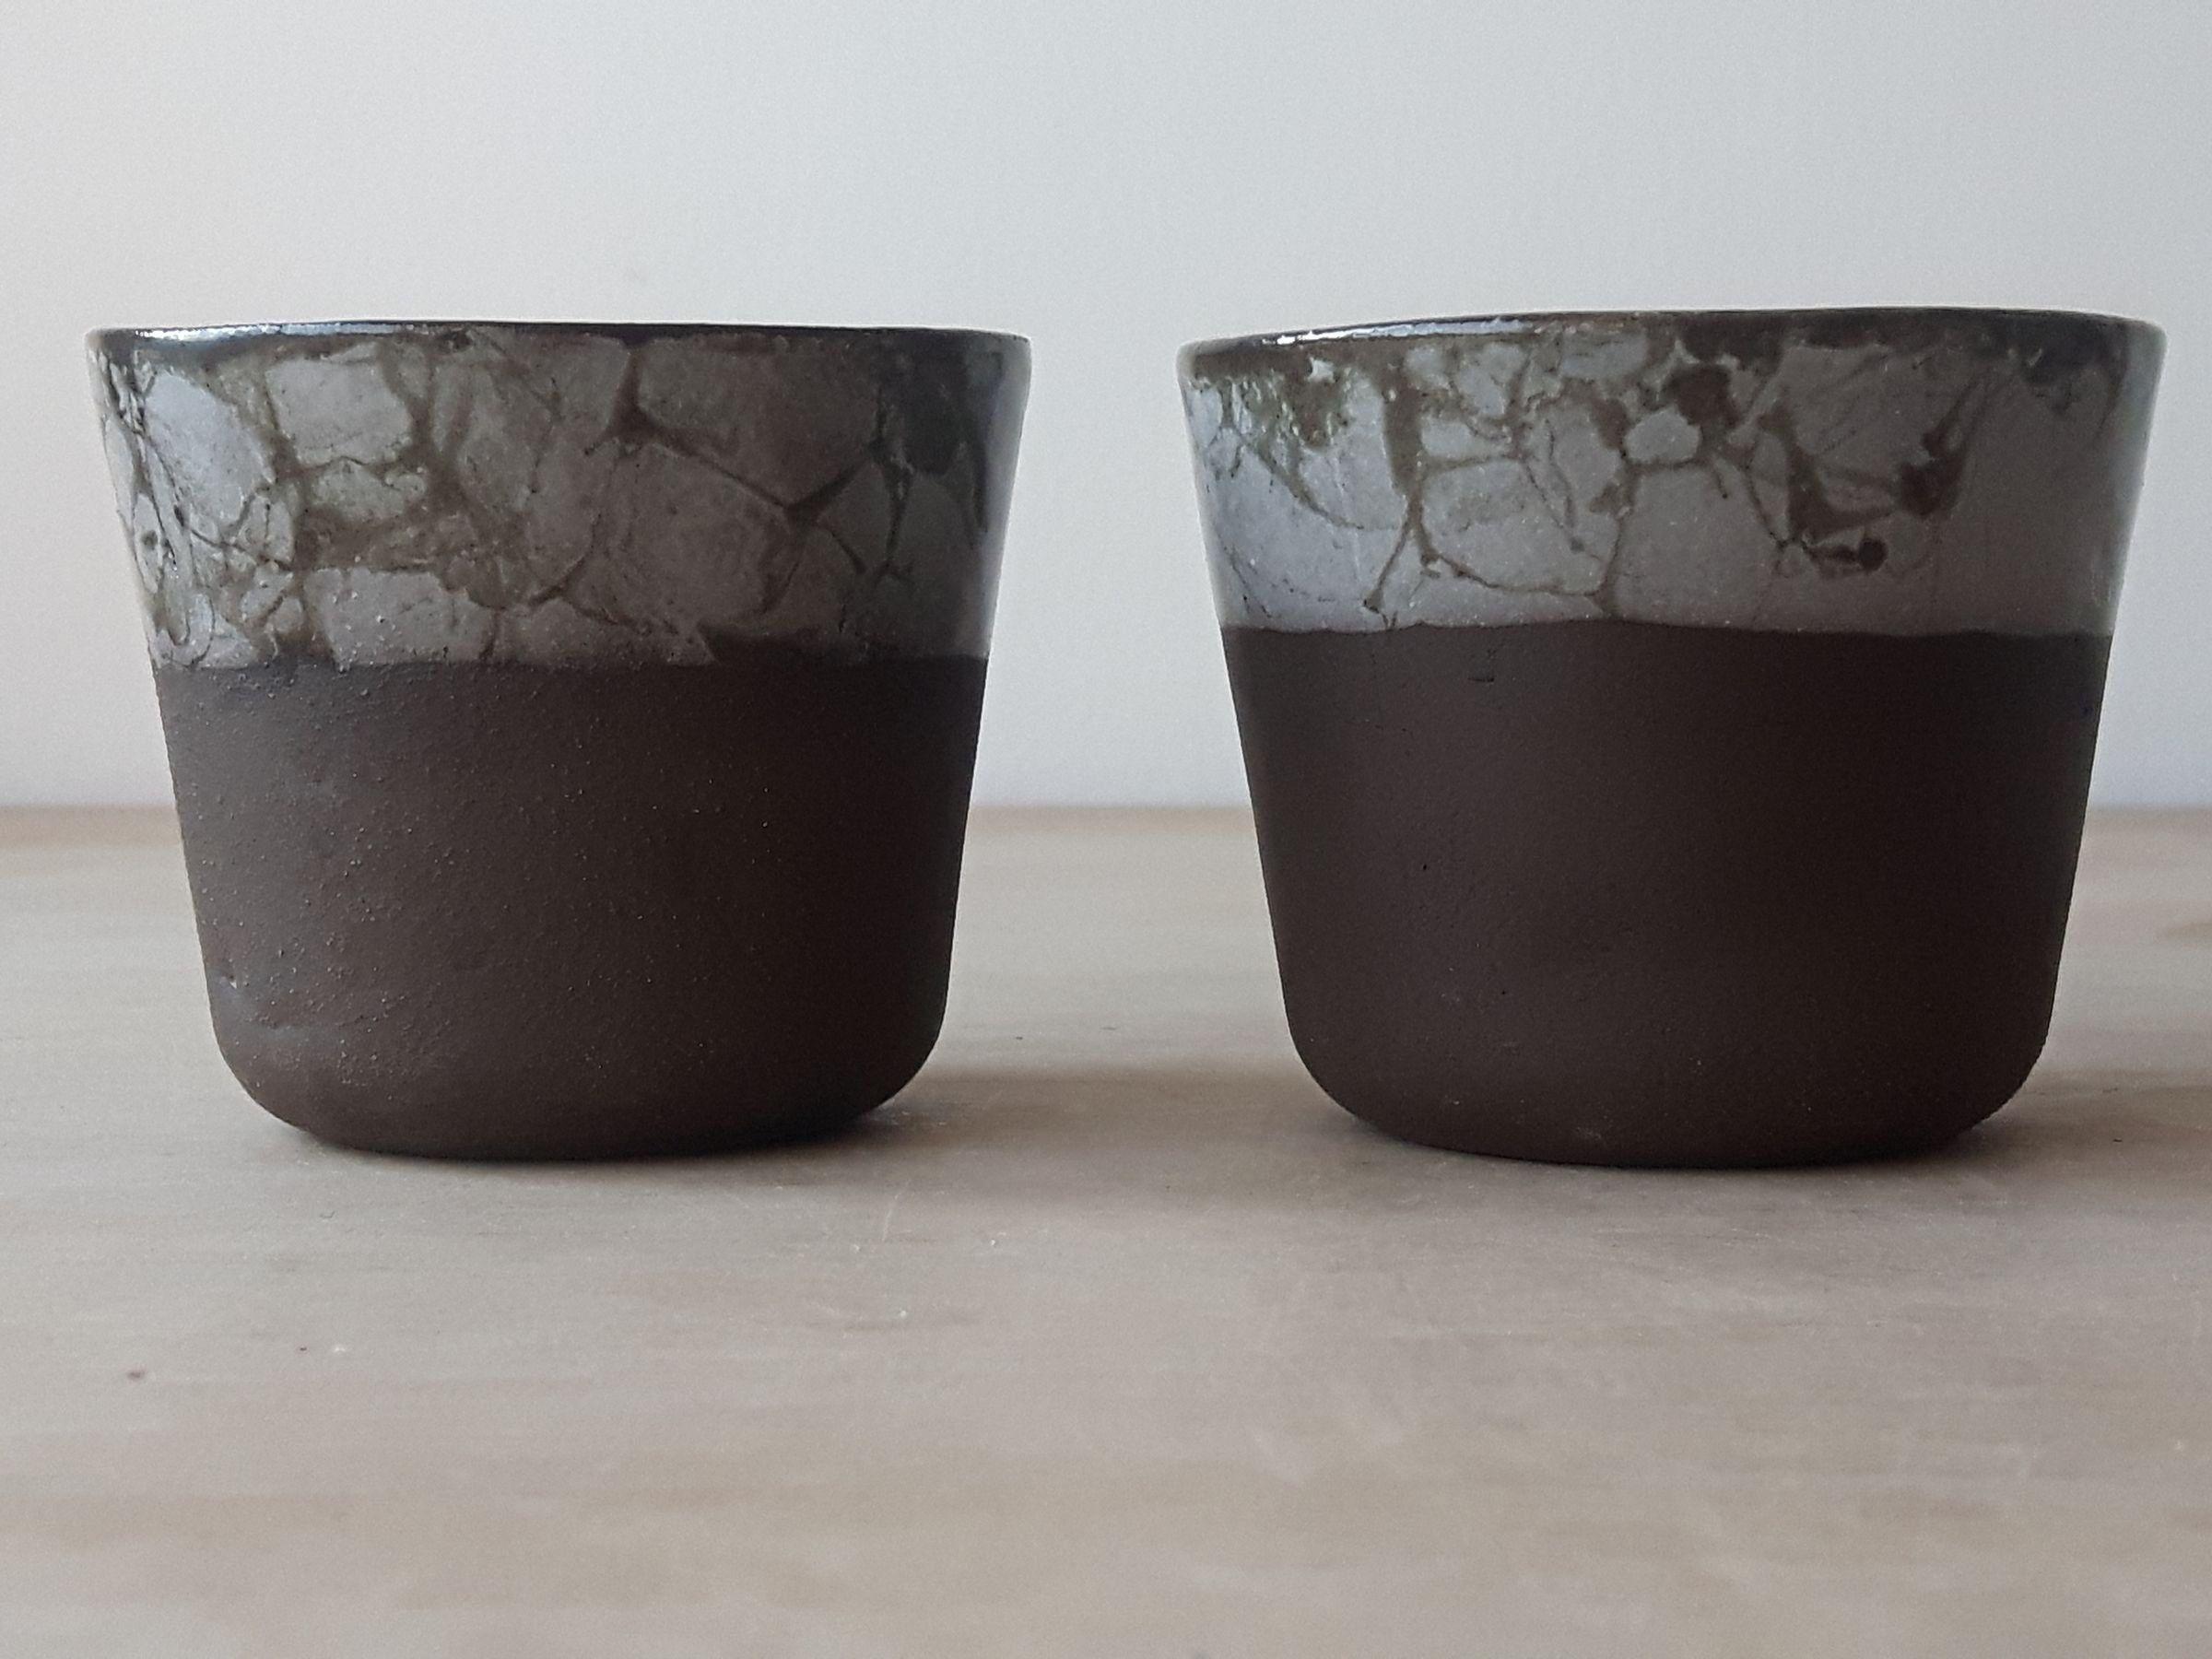 d987cde4b7a 2x Modern Espresso Cups No Handles Set Unique Glaze Coffee Mug ...